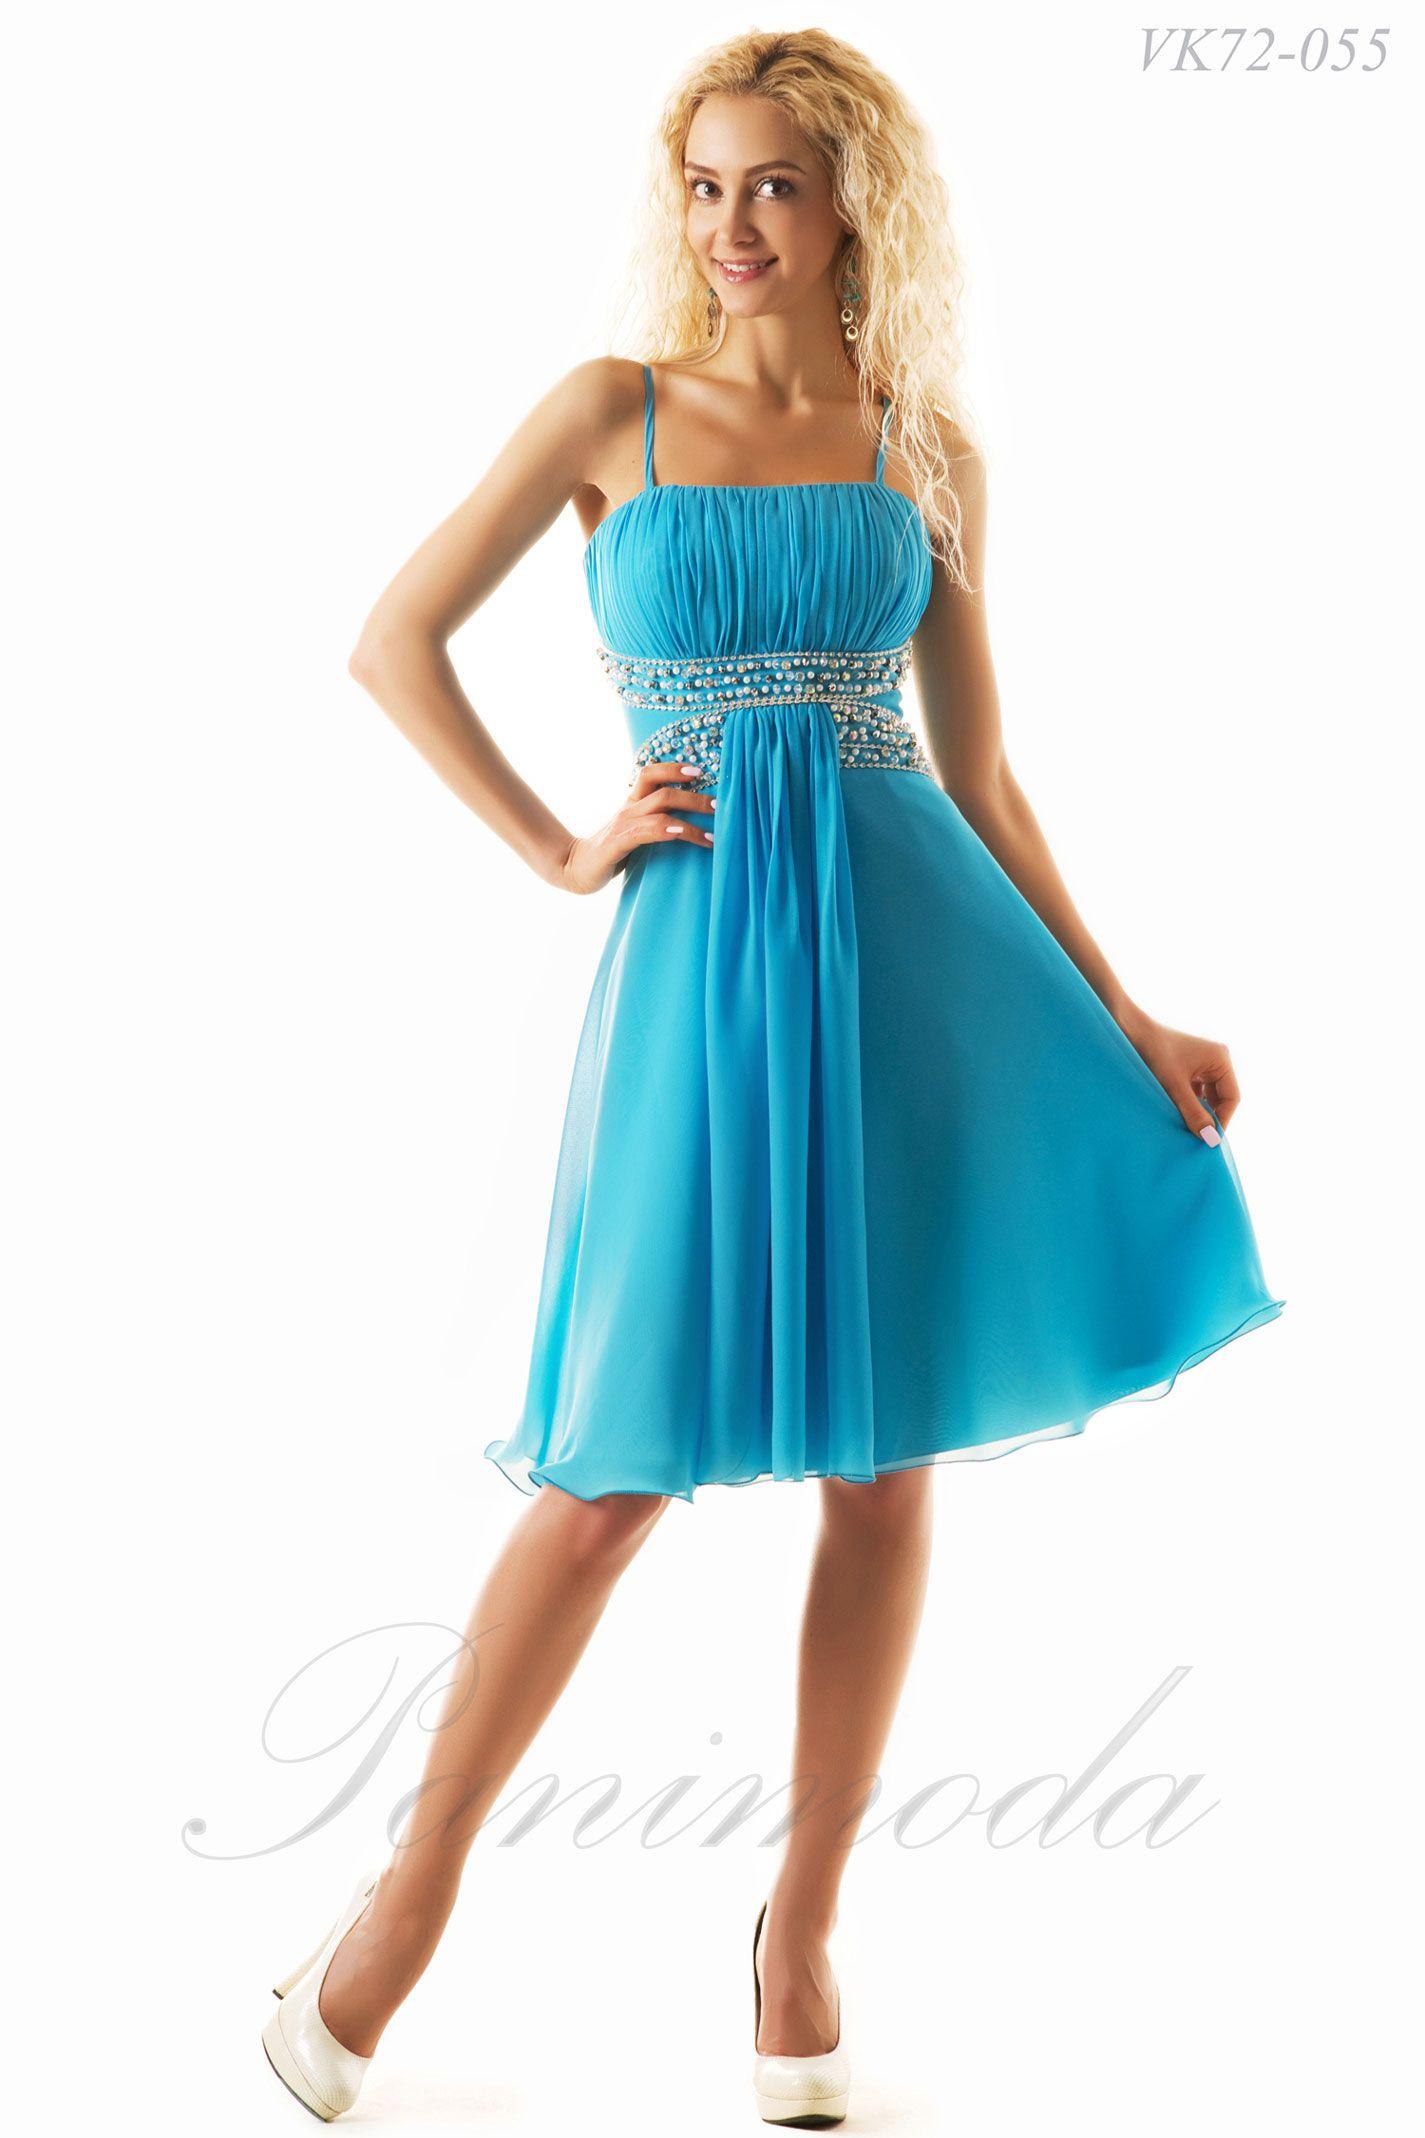 47e24a04914 Короткое платье из мульти шифона с мягкой драпировкой лифа. Украшением  модели является отделка вышивкой